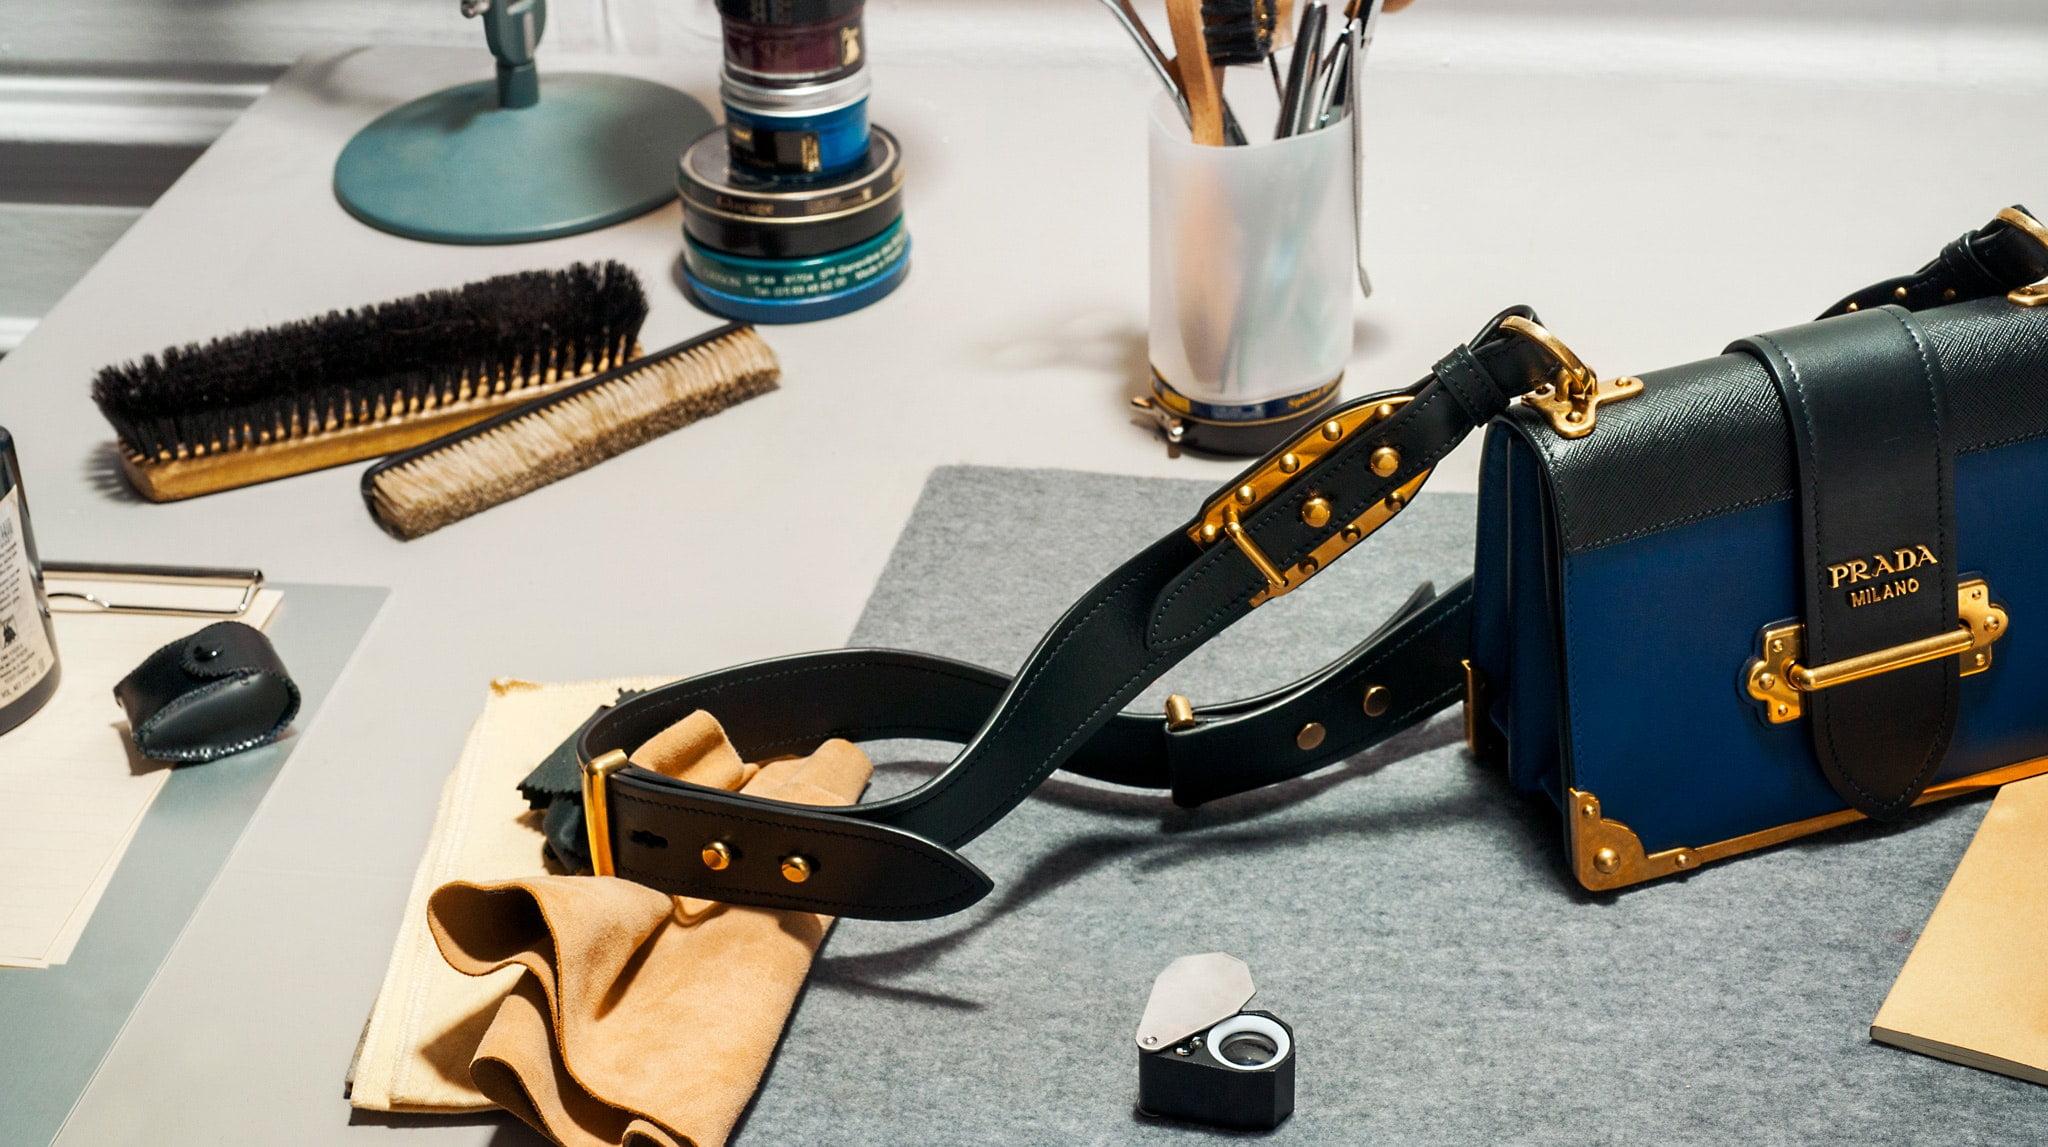 c0b7762d11d0 Der er mange penge at spare ved at købe designervarer pre-owned, men ønskes  et bredt udvalg af tøj og accessories er danske Trendsales sjældent ...